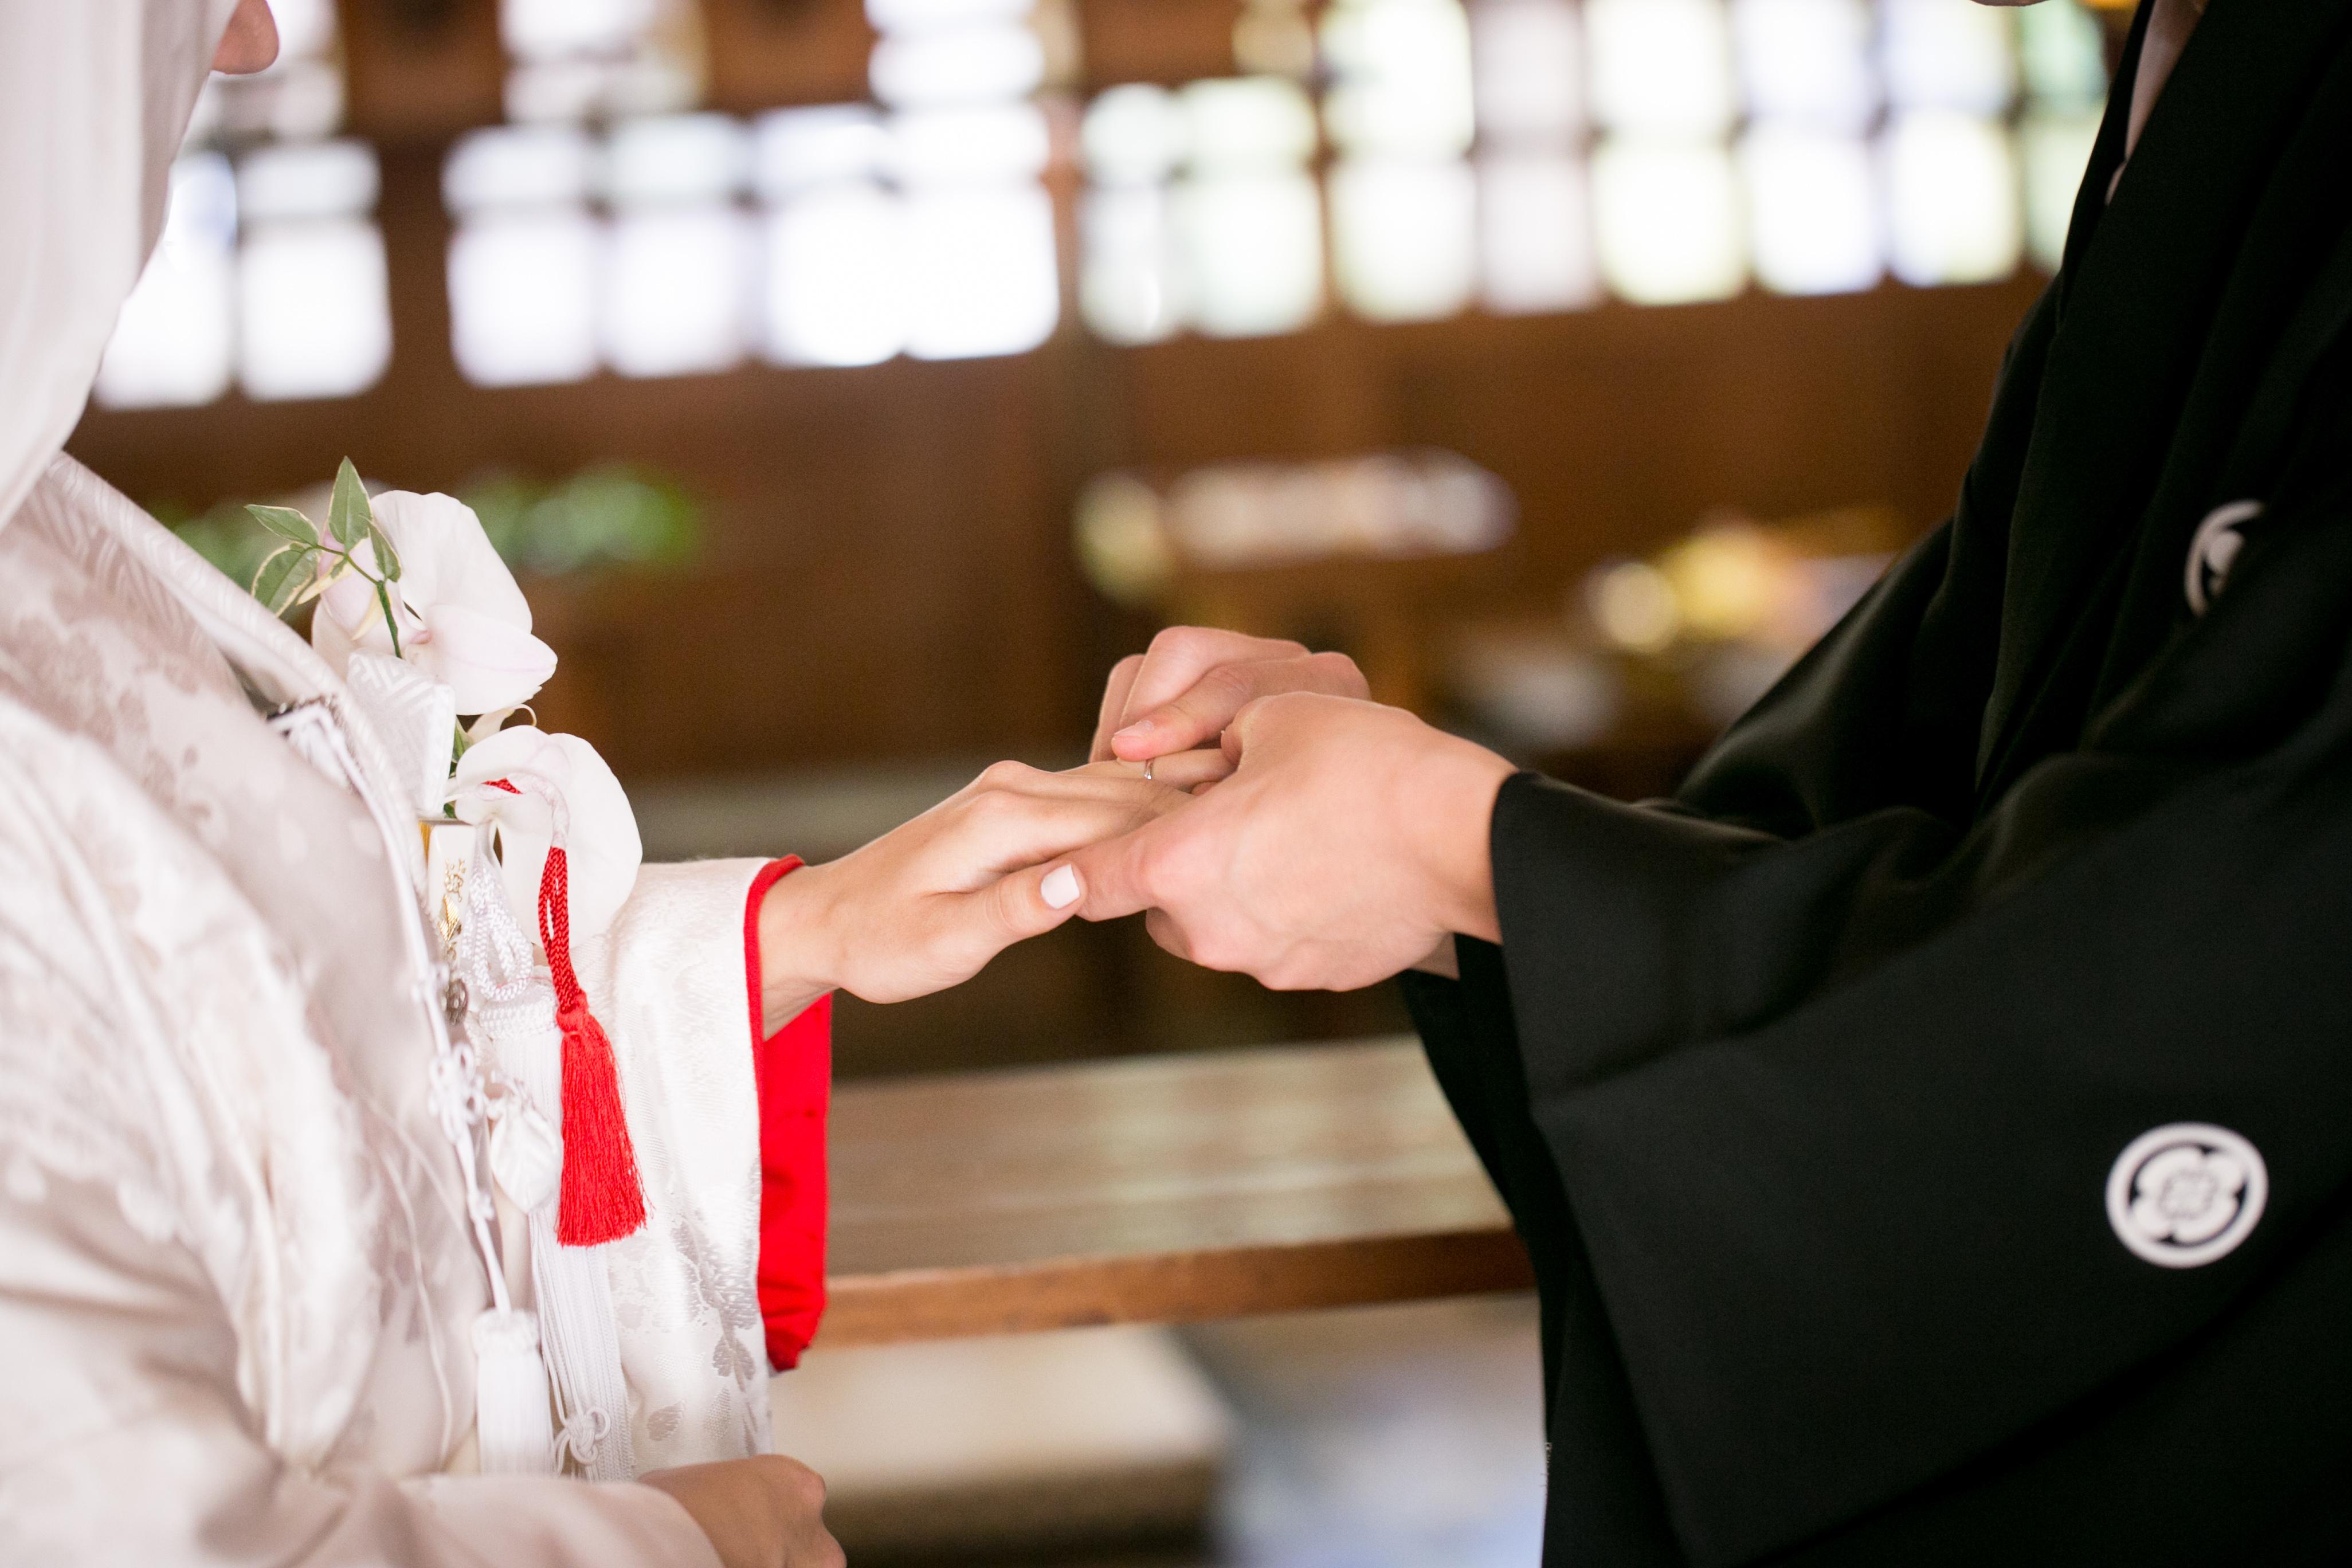 許嫁の意味とは?関係性や結婚や婚約とのつながりを詳しく解説!